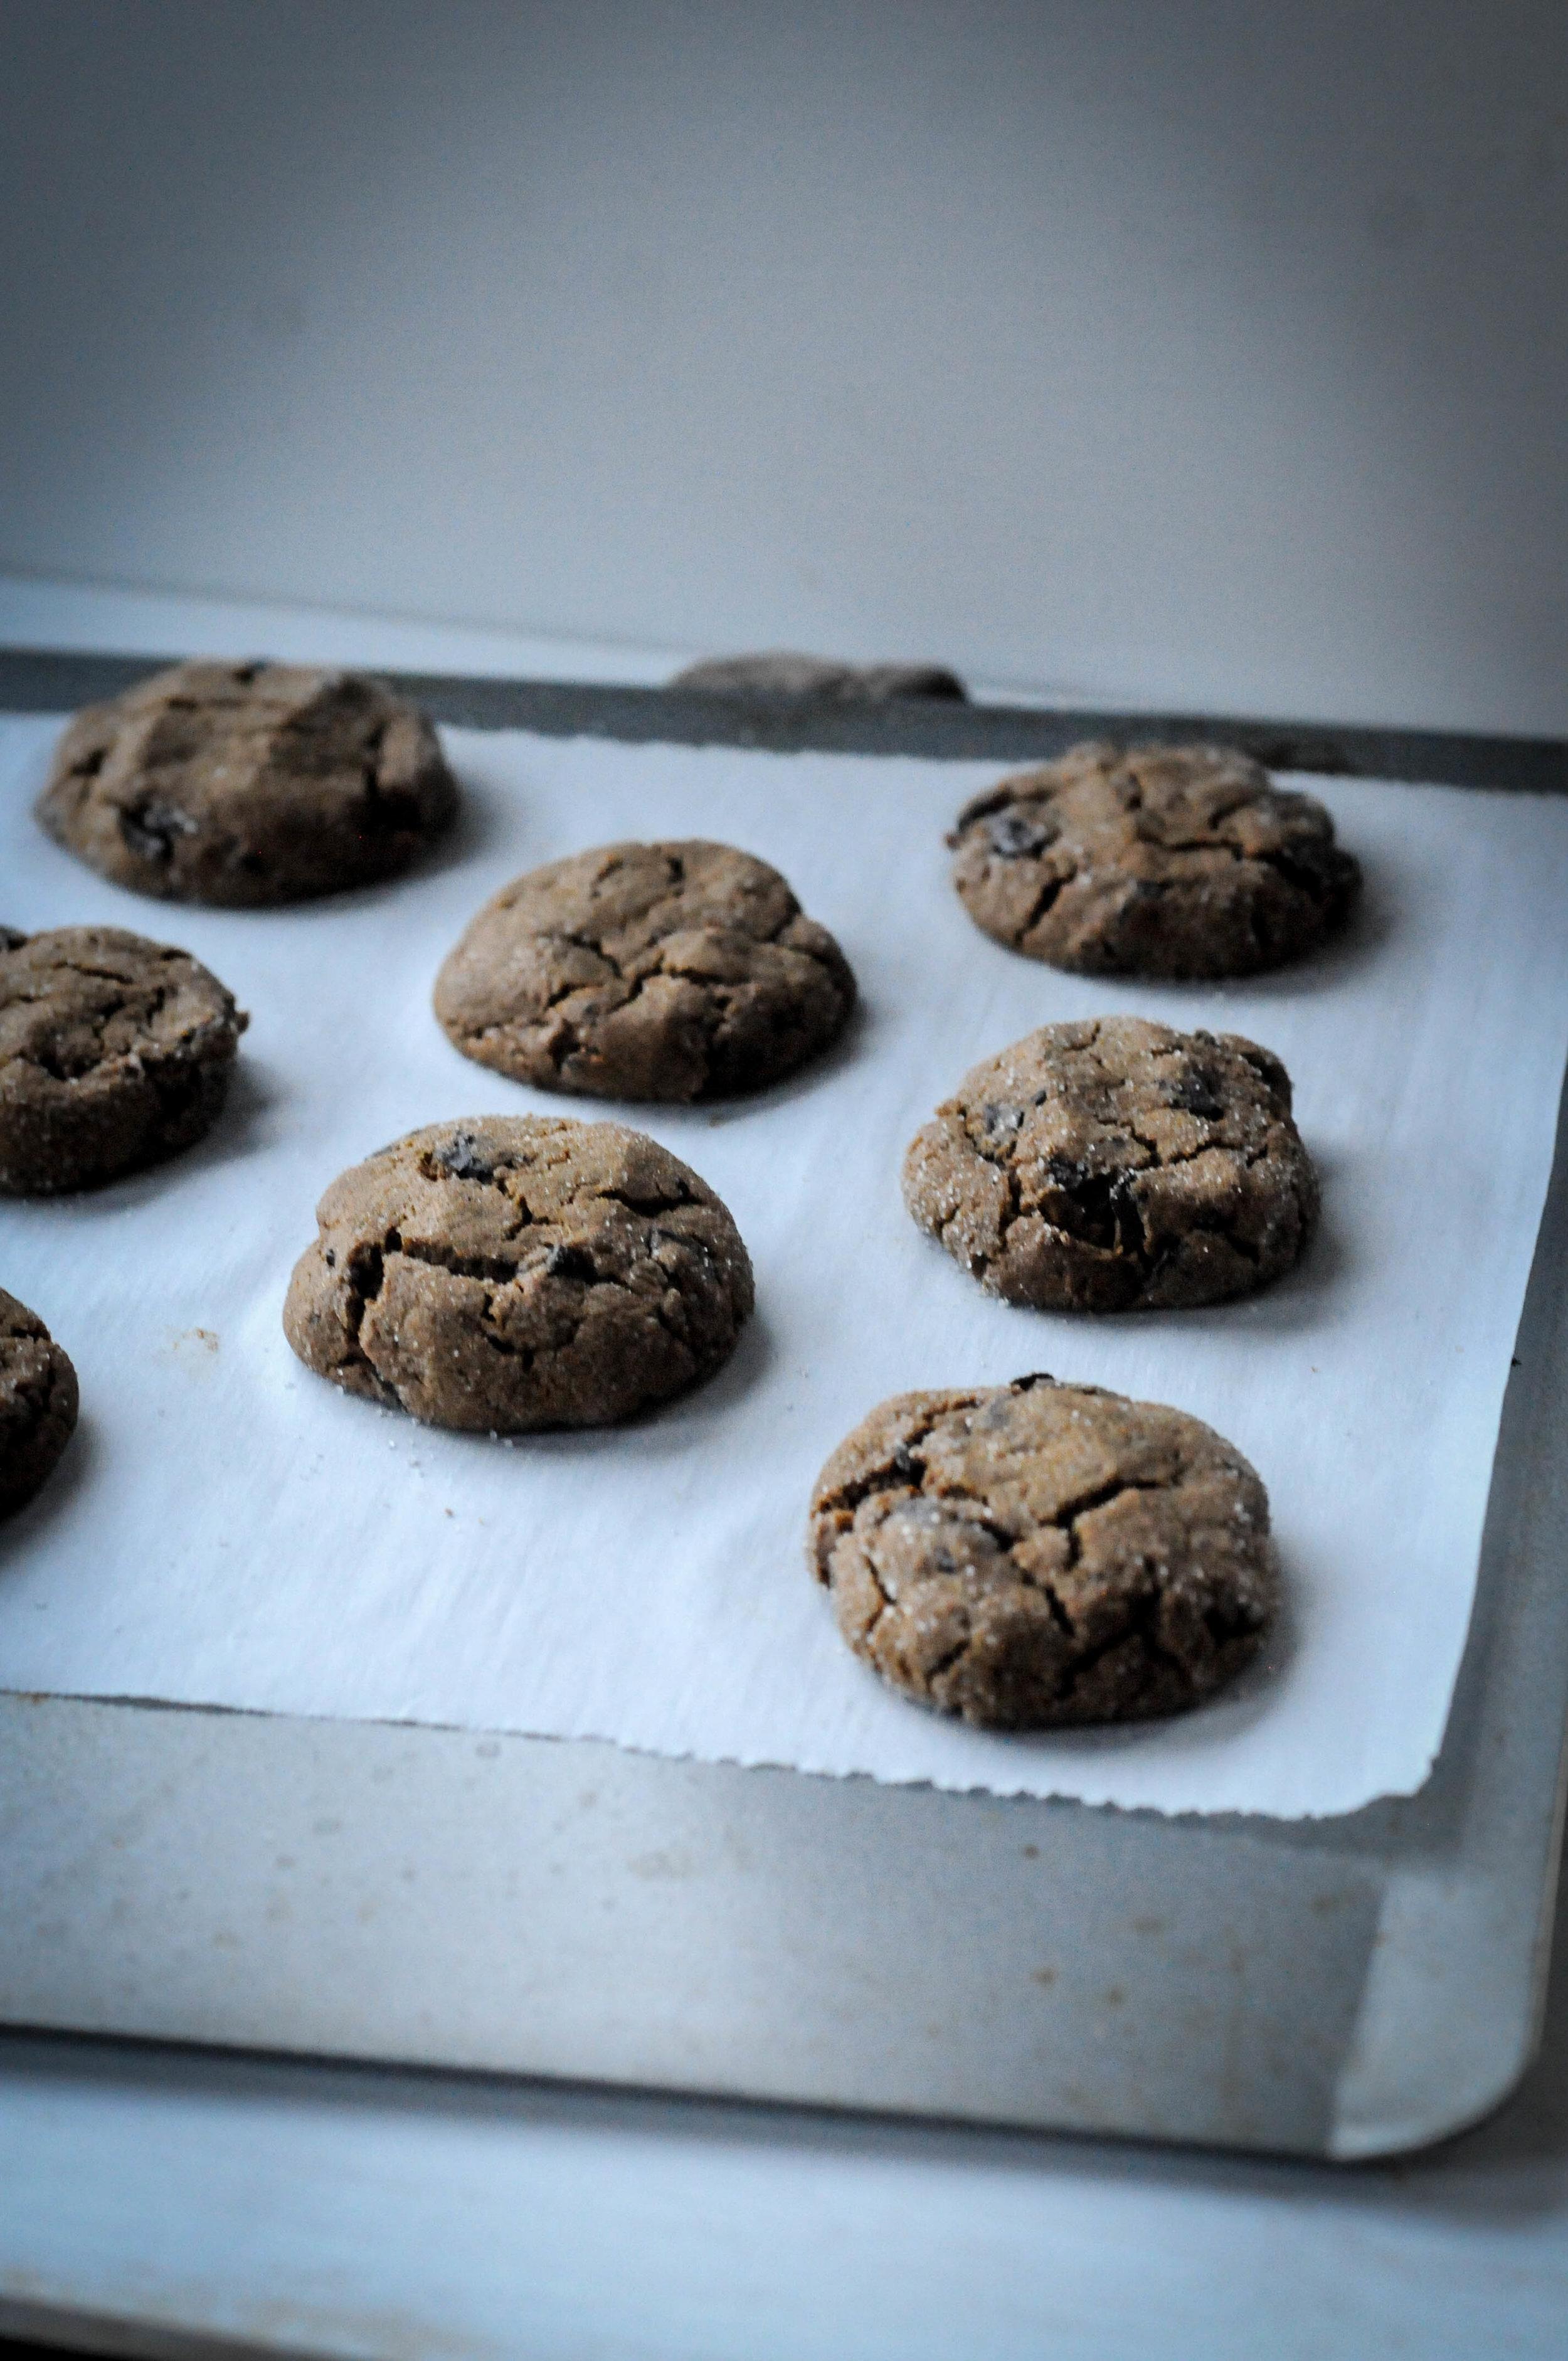 11-11-17 cookie (8 of 10).jpg